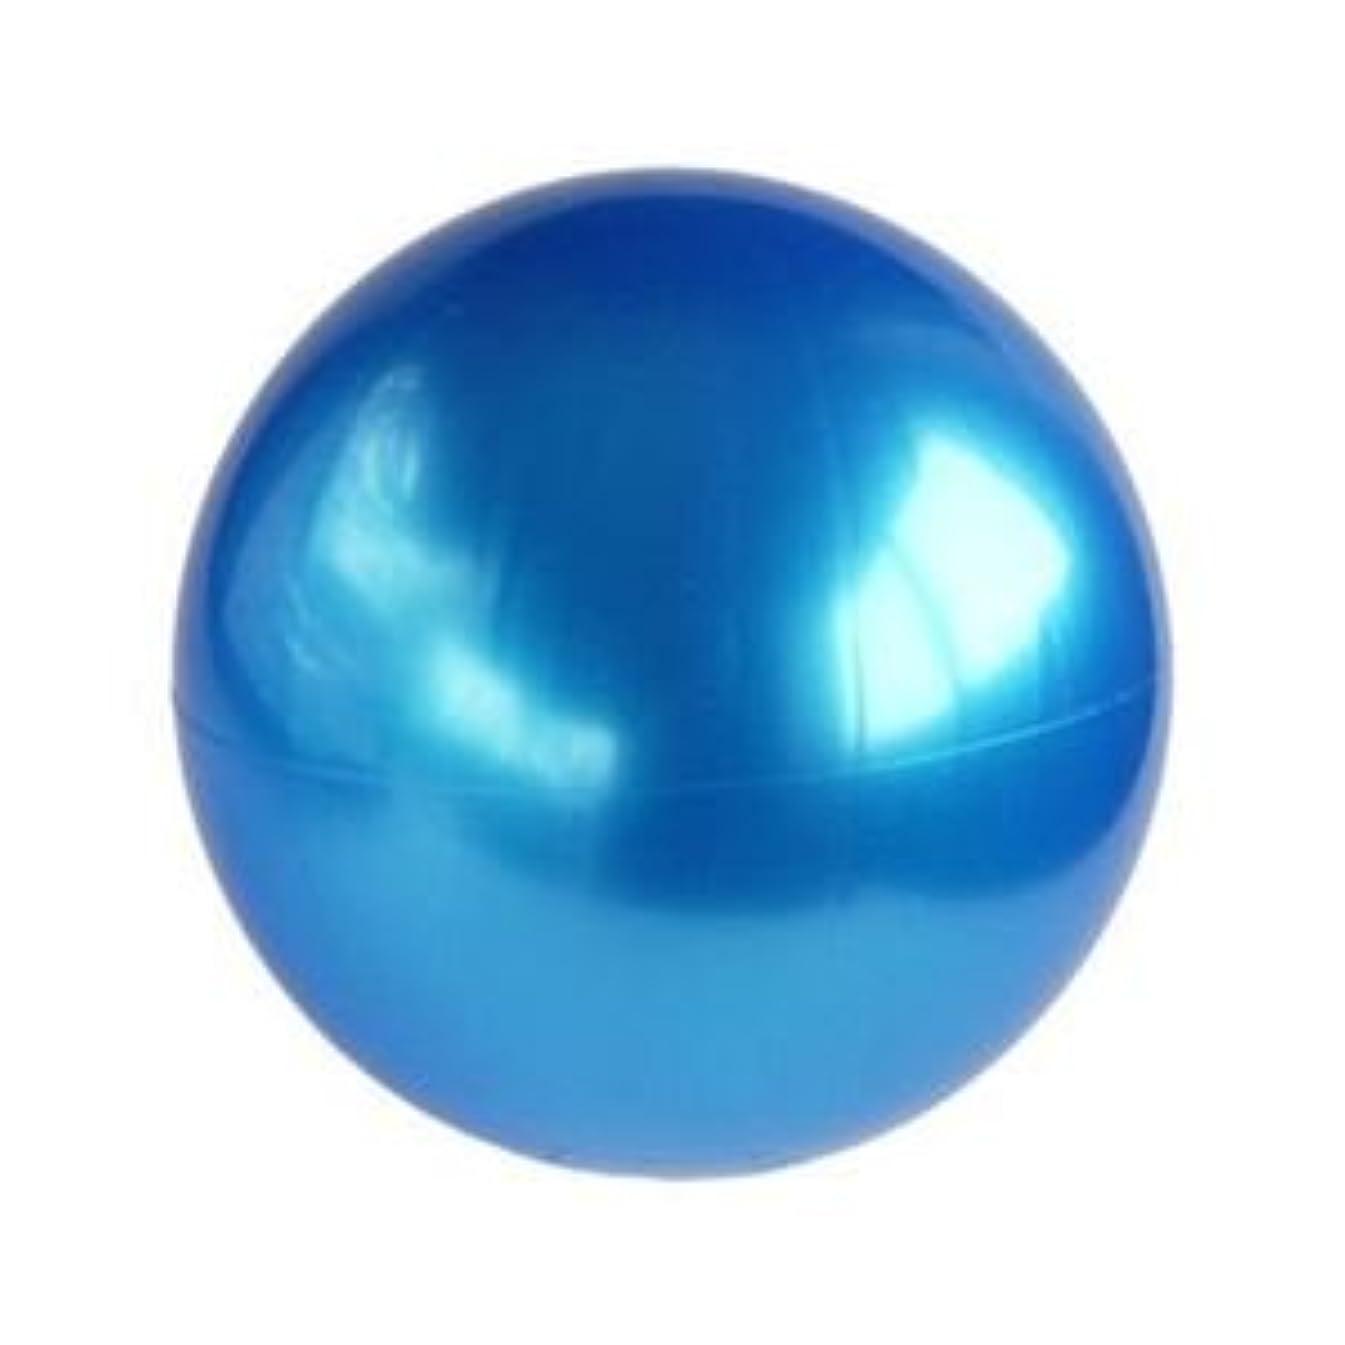 絶縁する蒸し器パールエアーボール(青) 【12個セット】 7377